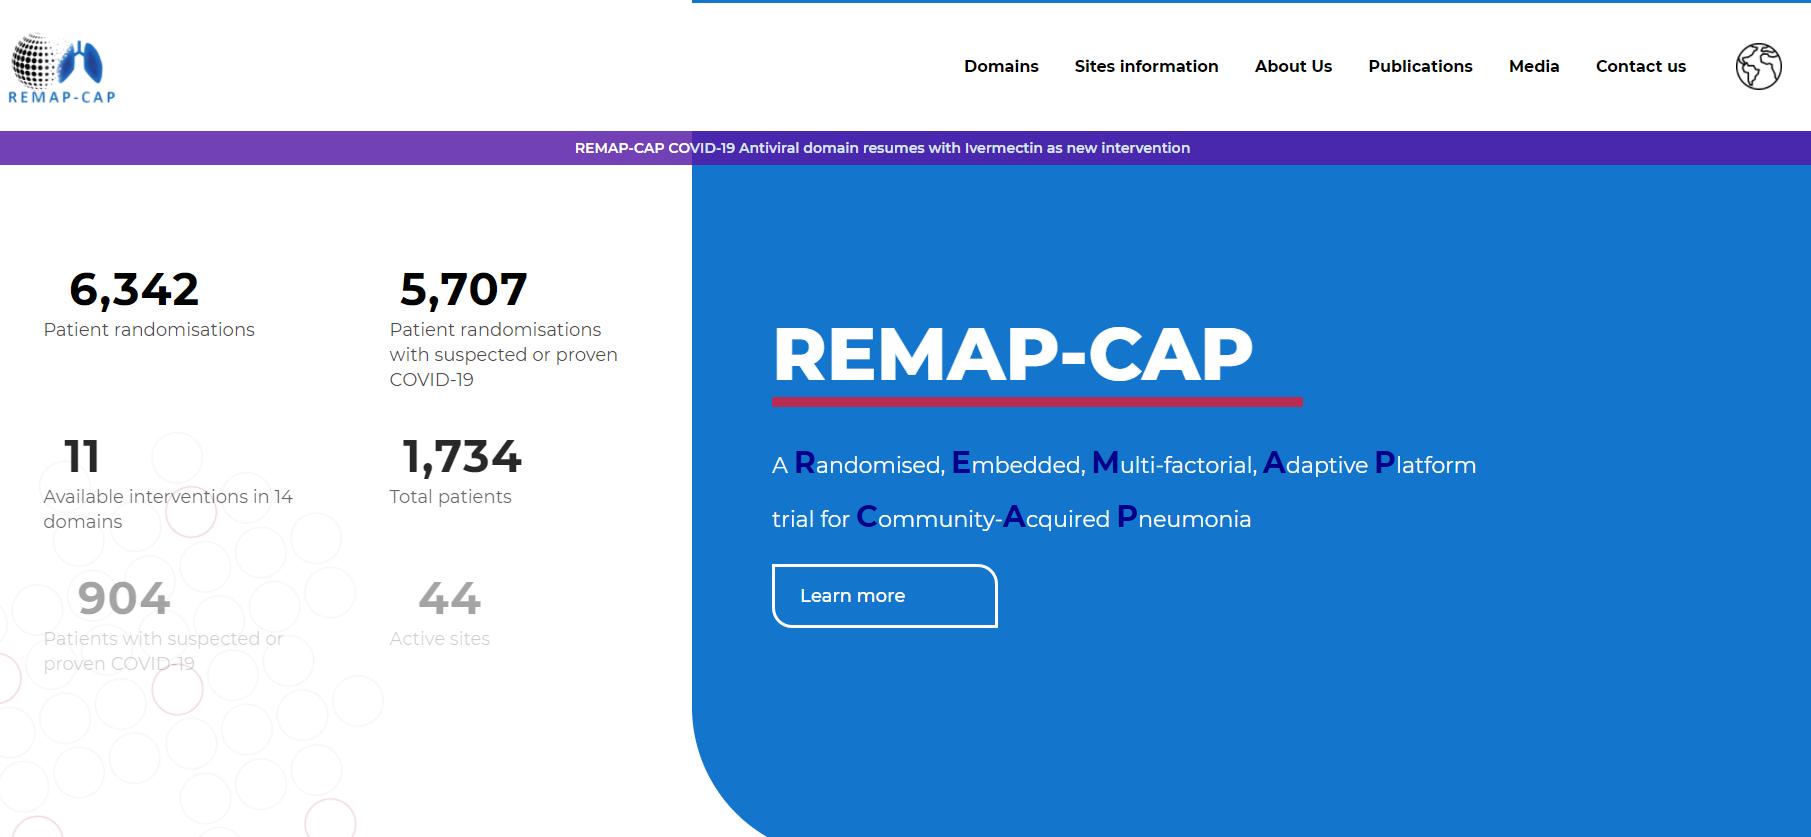 remapcap-homepage